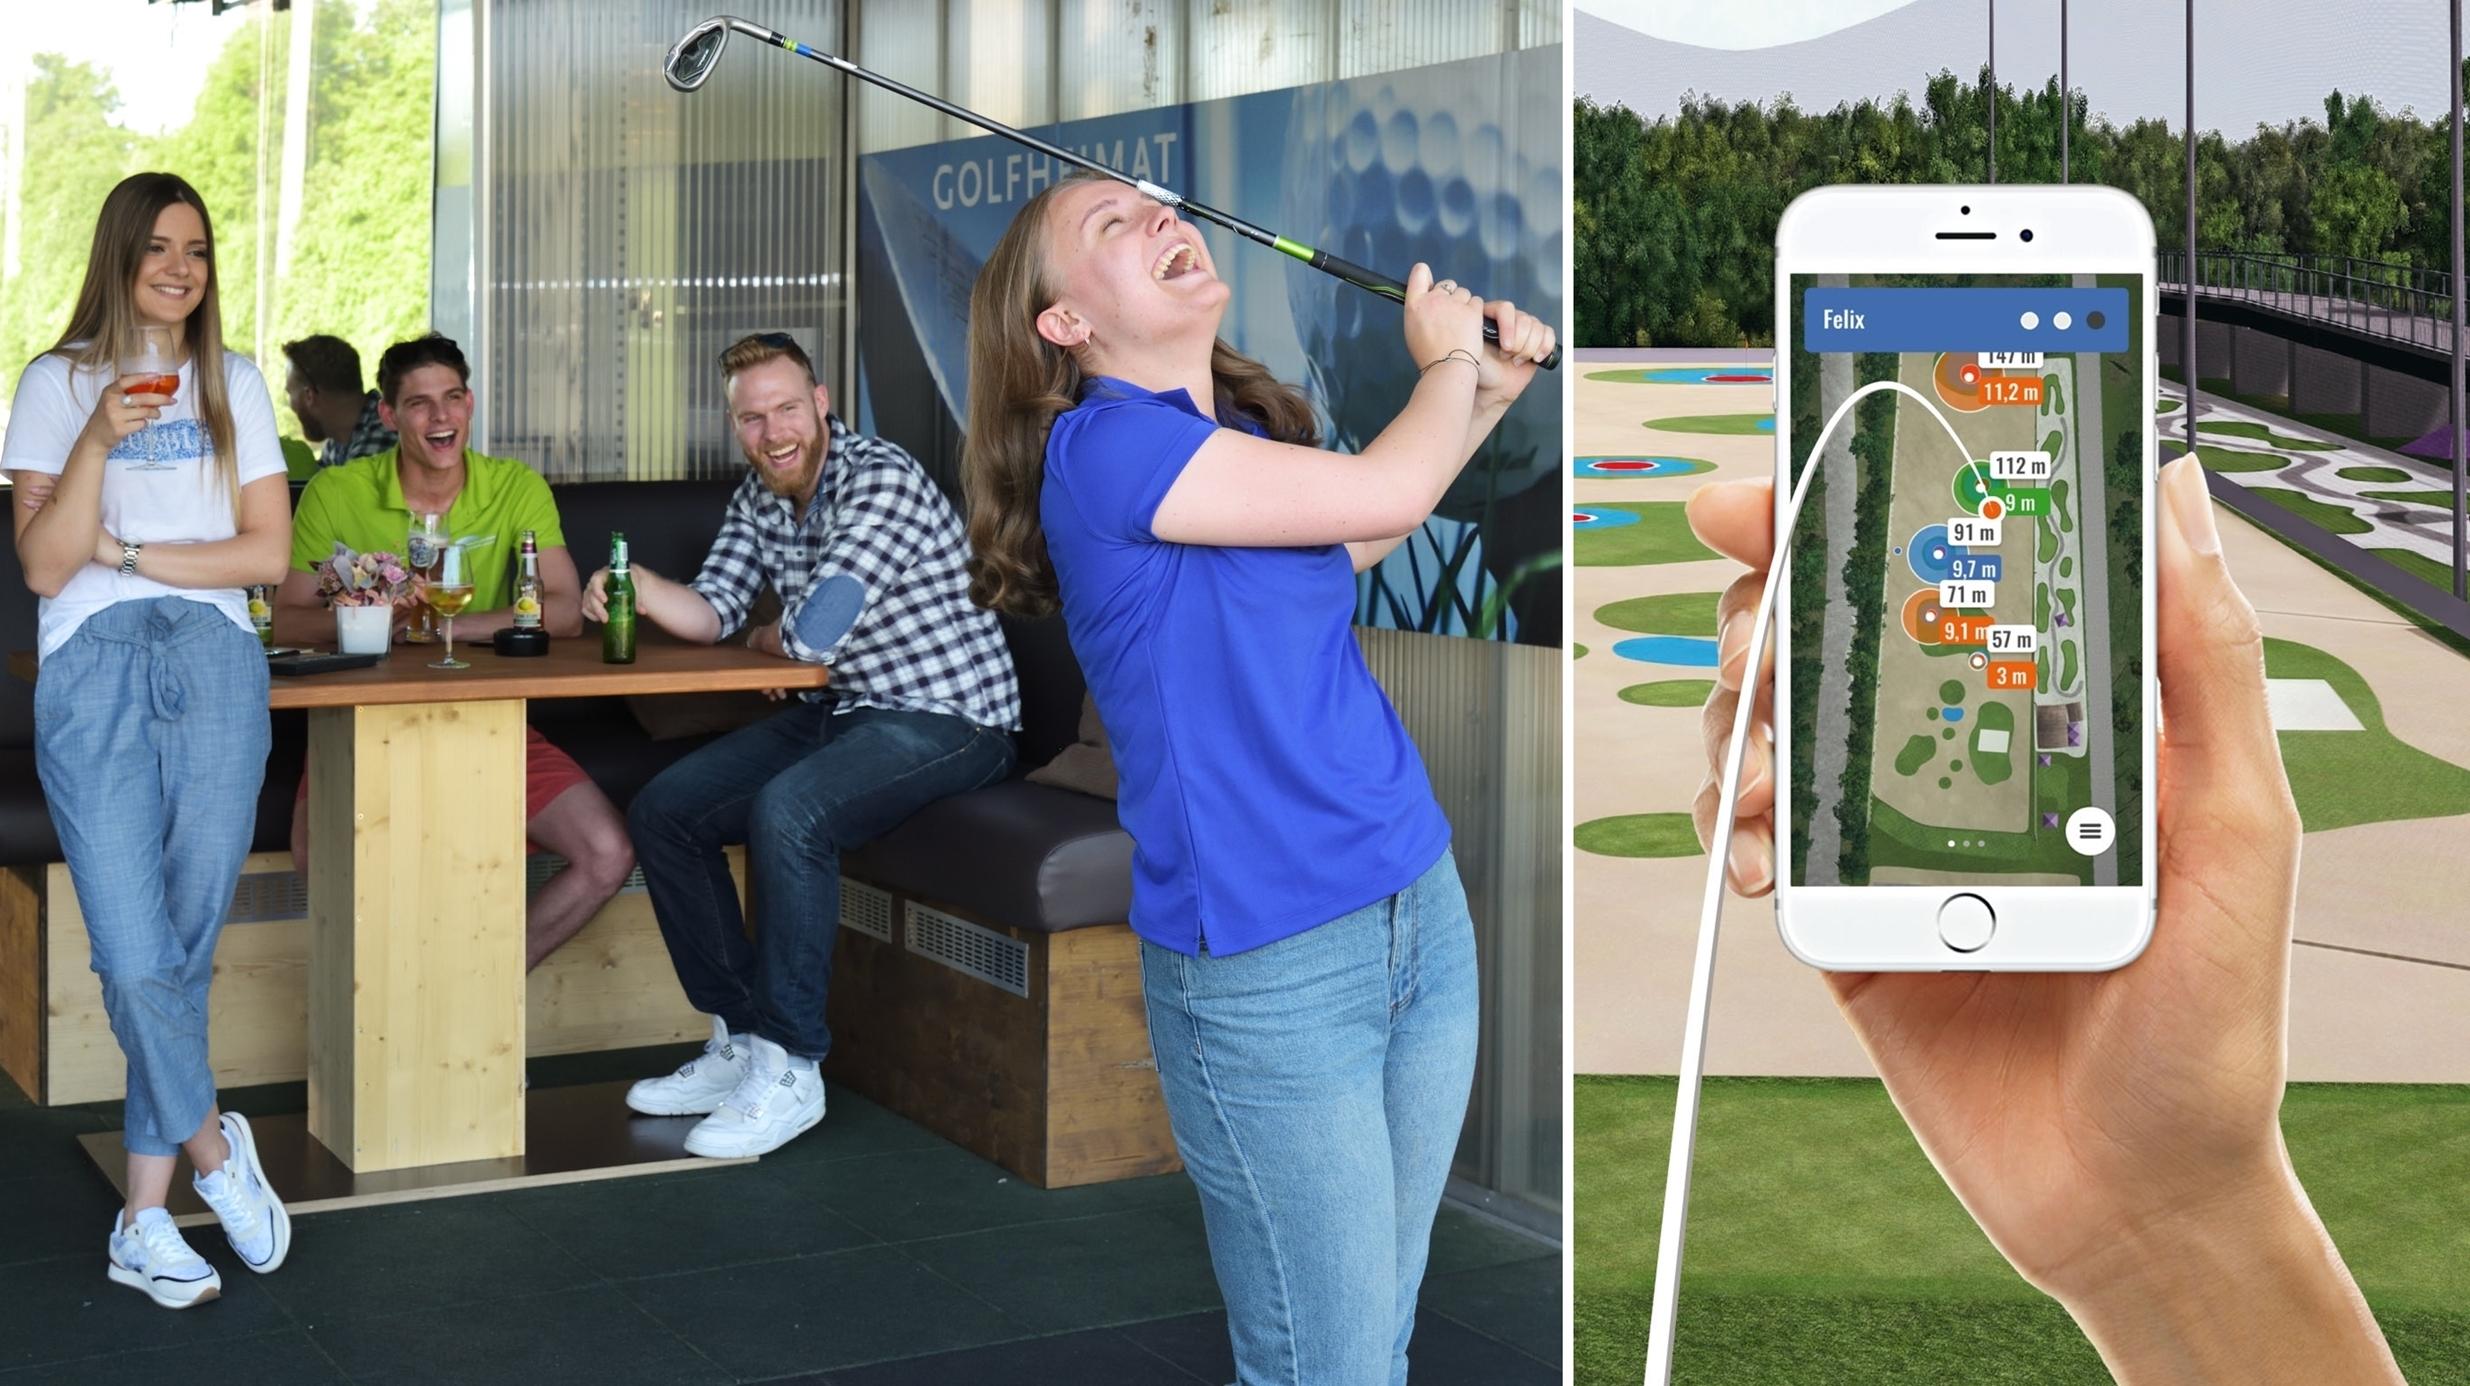 Golf Entfernungsmesser Für Iphone : App für golfer besser golfen mit dem iphone digital faz